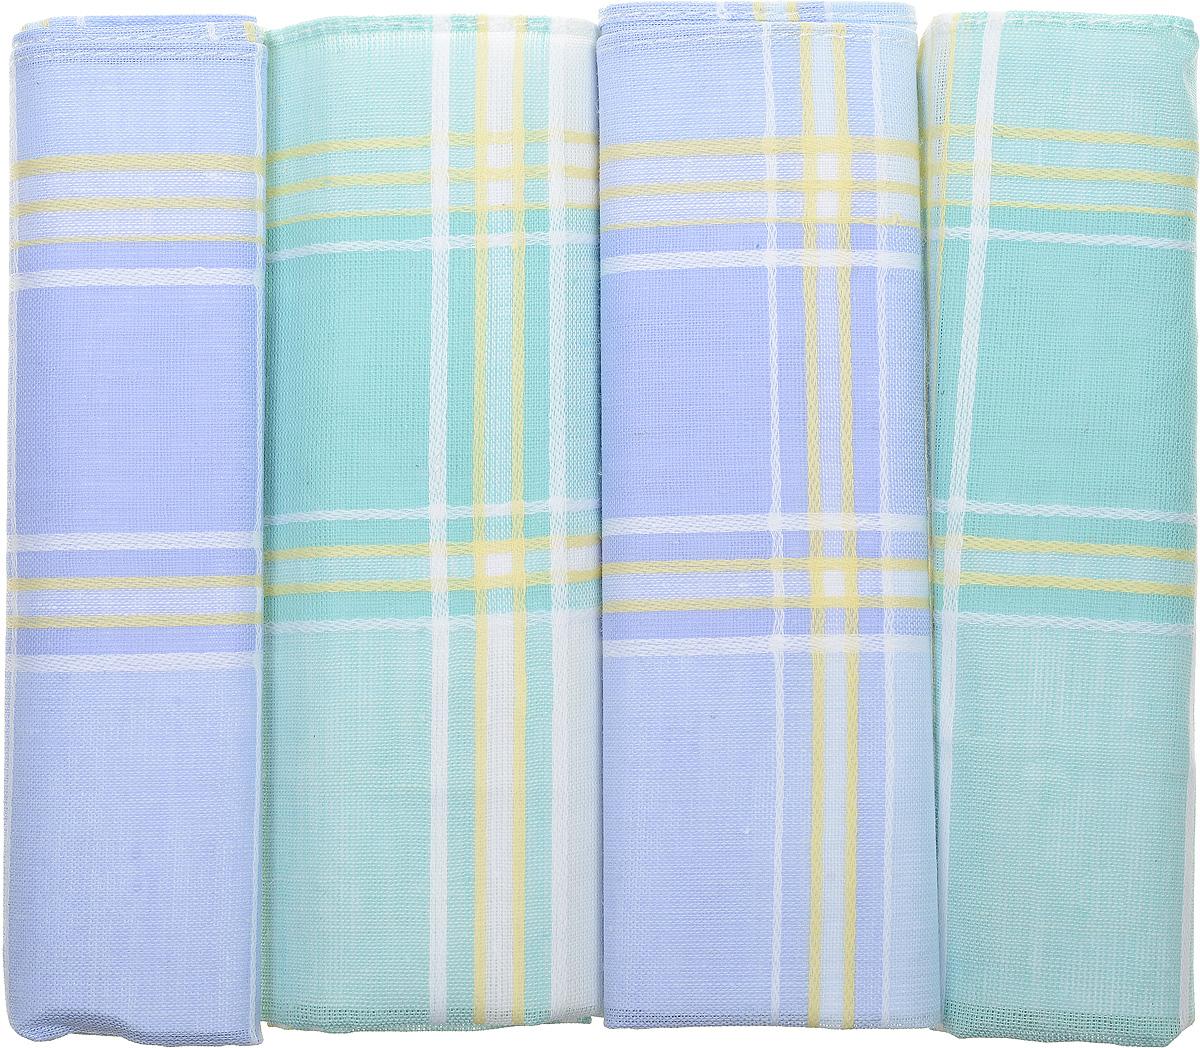 Платок носовой женский Zlata Korunka, цвет: голубой, зеленый, 4 шт. 71420-32. Размер 28 см х 28 см39864|Серьги с подвескамиОригинальный женский носовой платок Zlata Korunka изготовлен из высококачественного натурального хлопка, благодаря чему приятен в использовании, хорошо стирается, не садится и отлично впитывает влагу. Практичный и изящный носовой платок будет незаменим в повседневной жизни любого современного человека. Такой платок послужит стильным аксессуаром и подчеркнет ваше превосходное чувство вкуса.